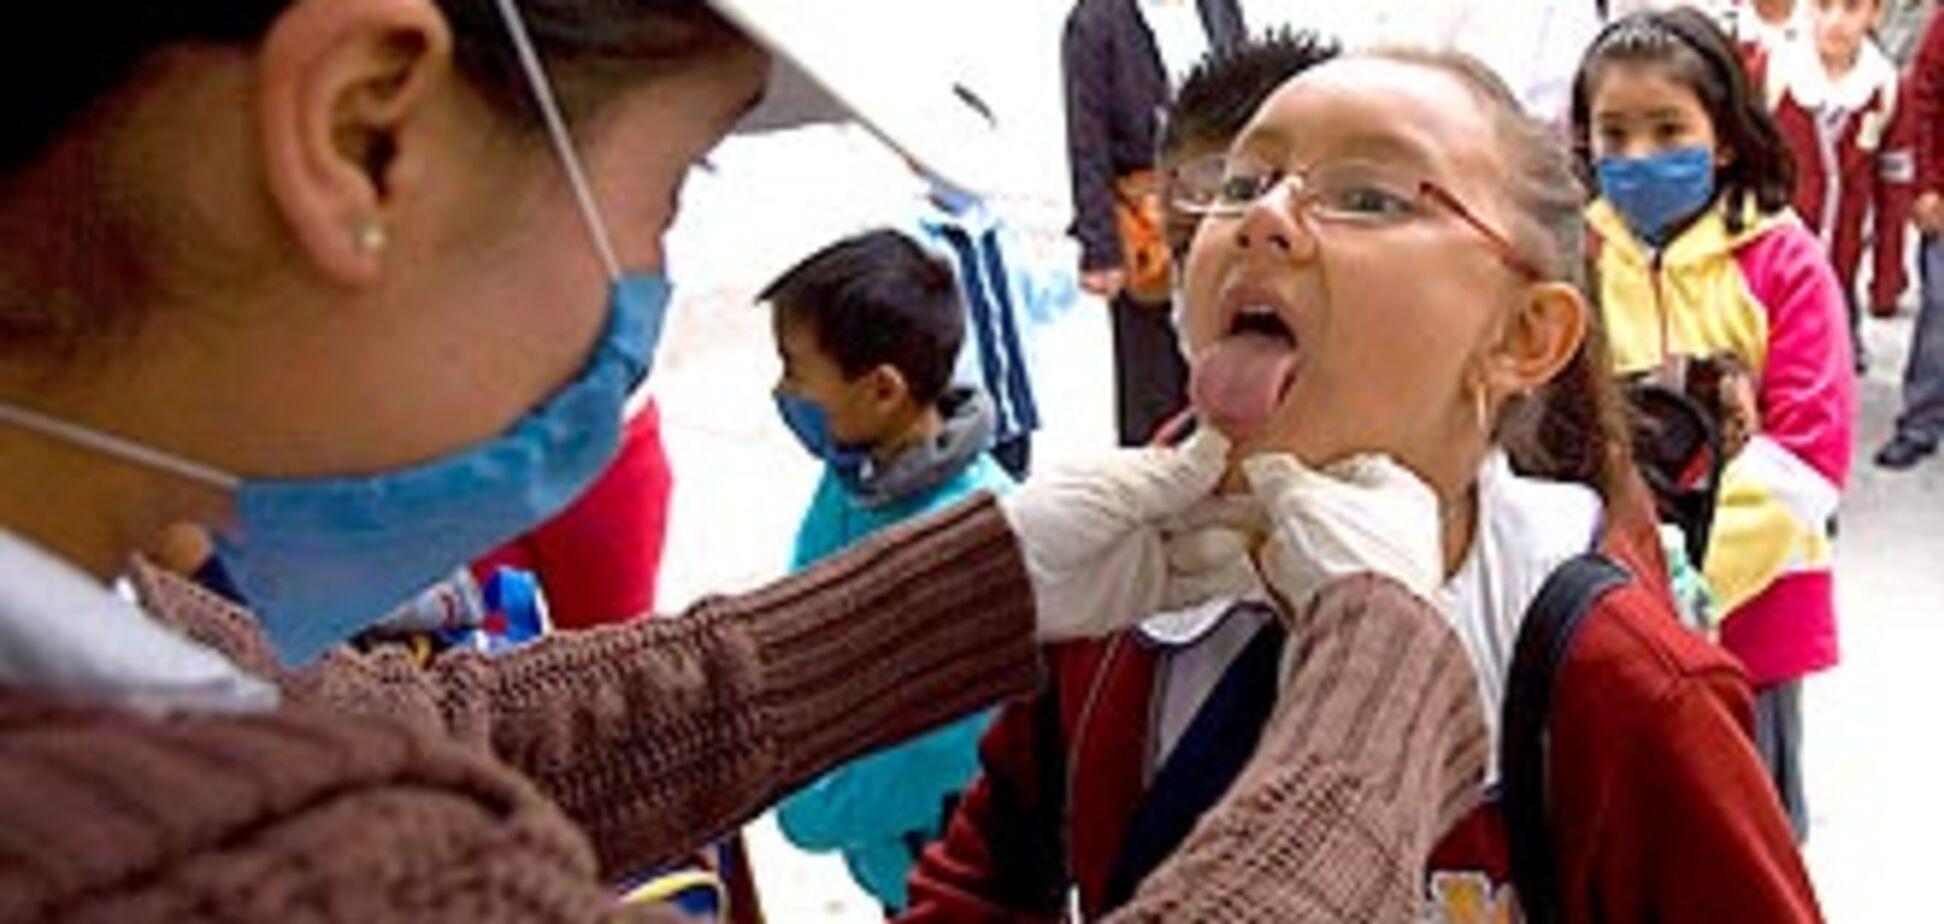 Грипп А/H1N1 начал агрессивные мутации